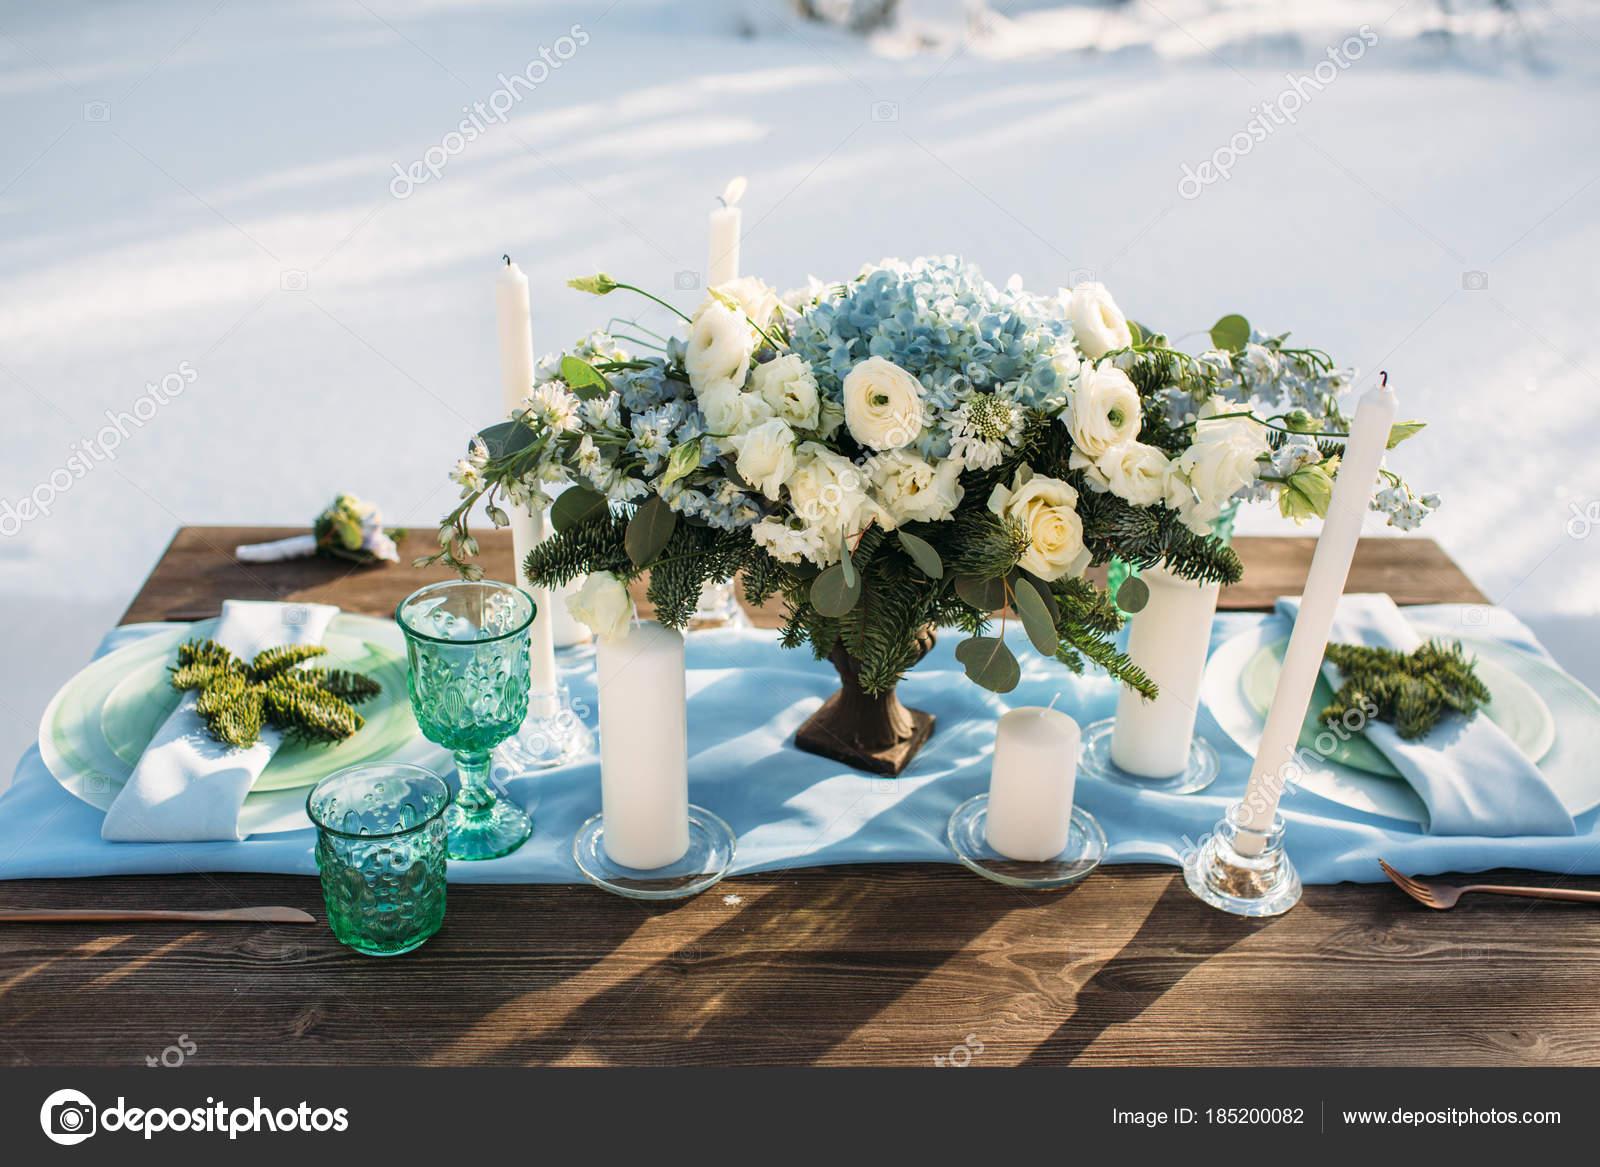 Schone Blumen Und Dekoration Auf Tisch In Hochzeitstag Winter